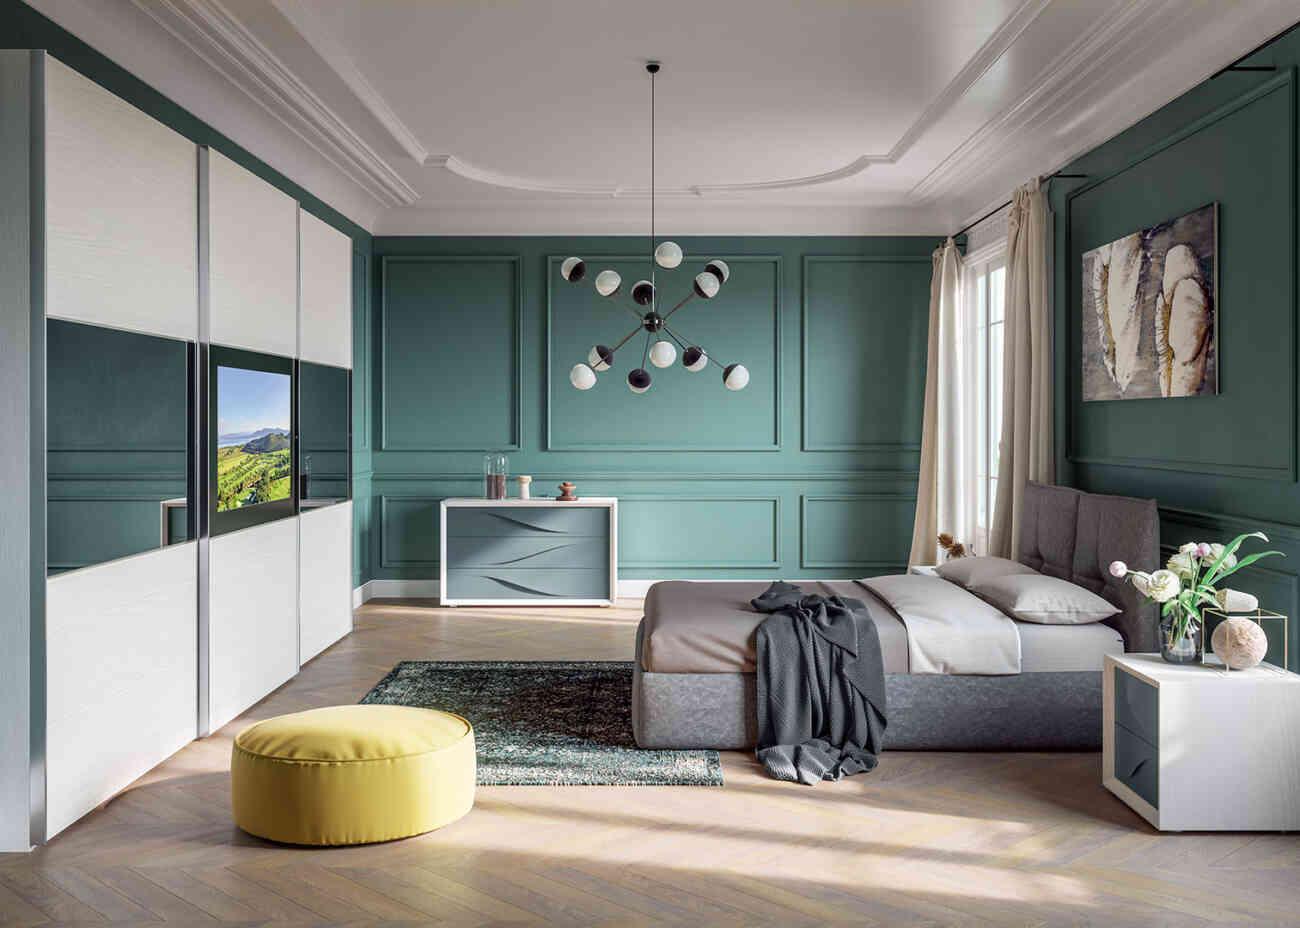 Camera da letto 23 - Giessegi - Gruppo Inventa Arredamento ...